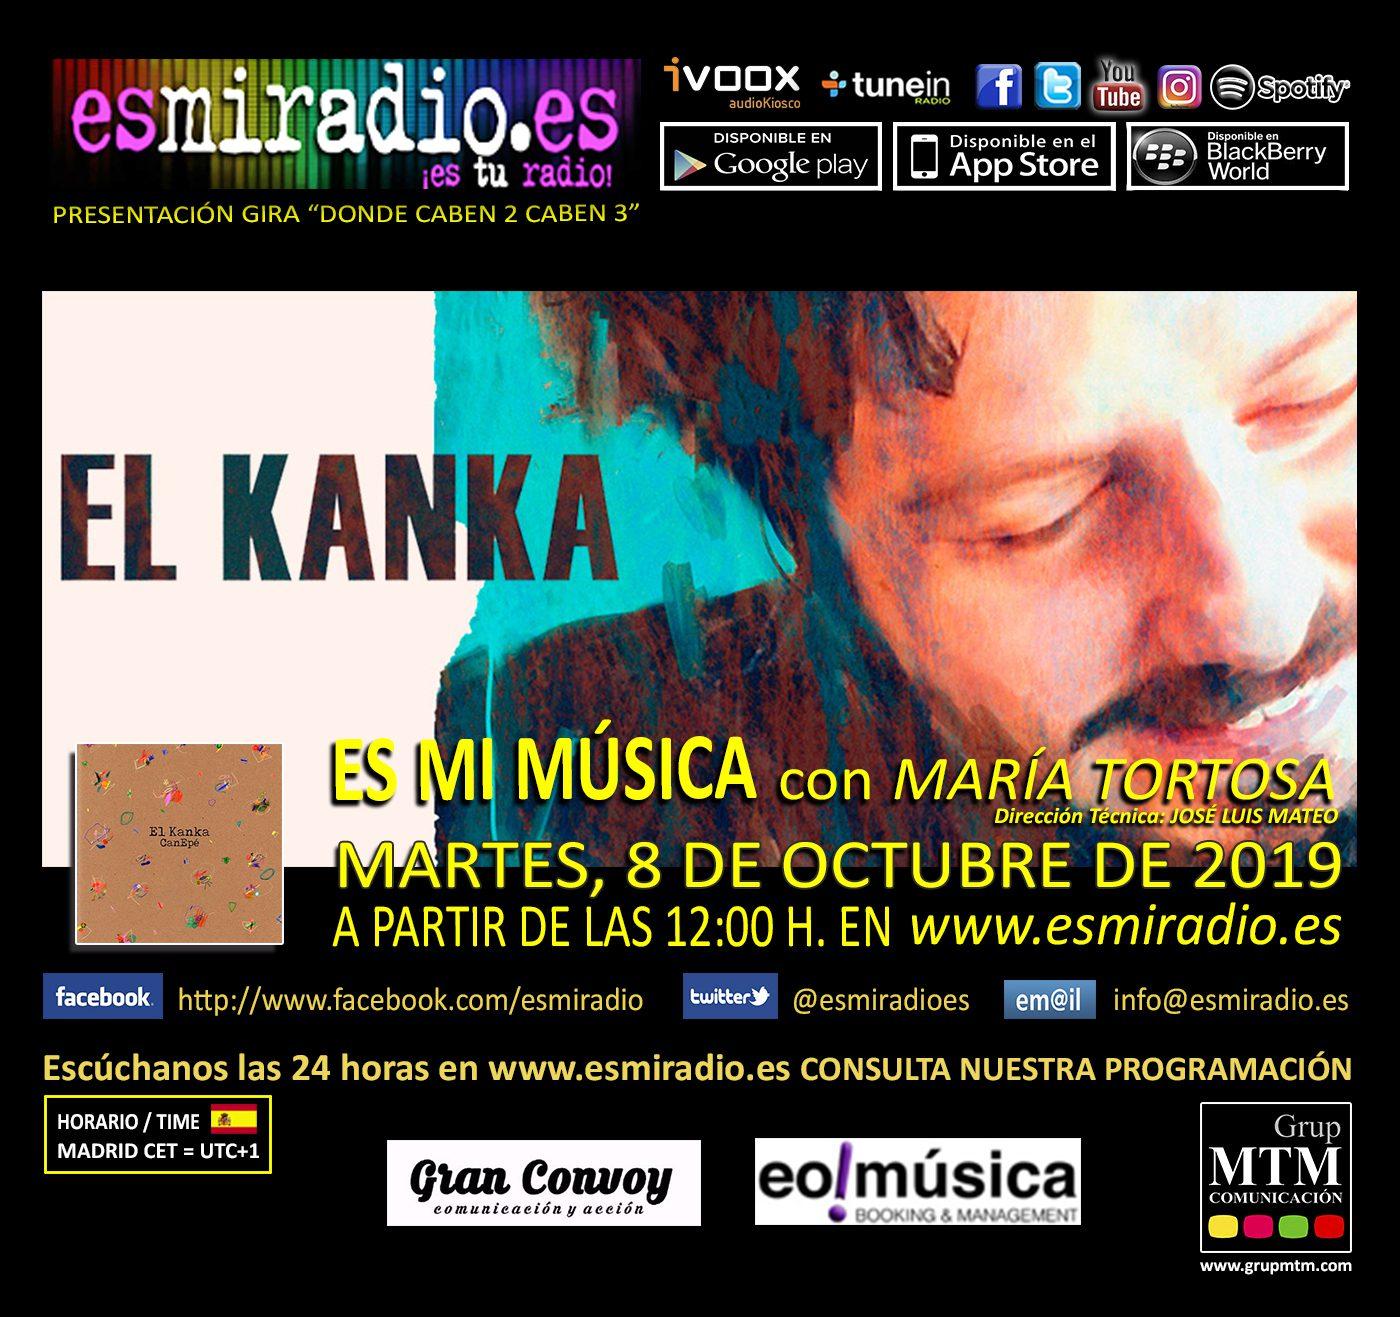 El Kanka - esmiradio